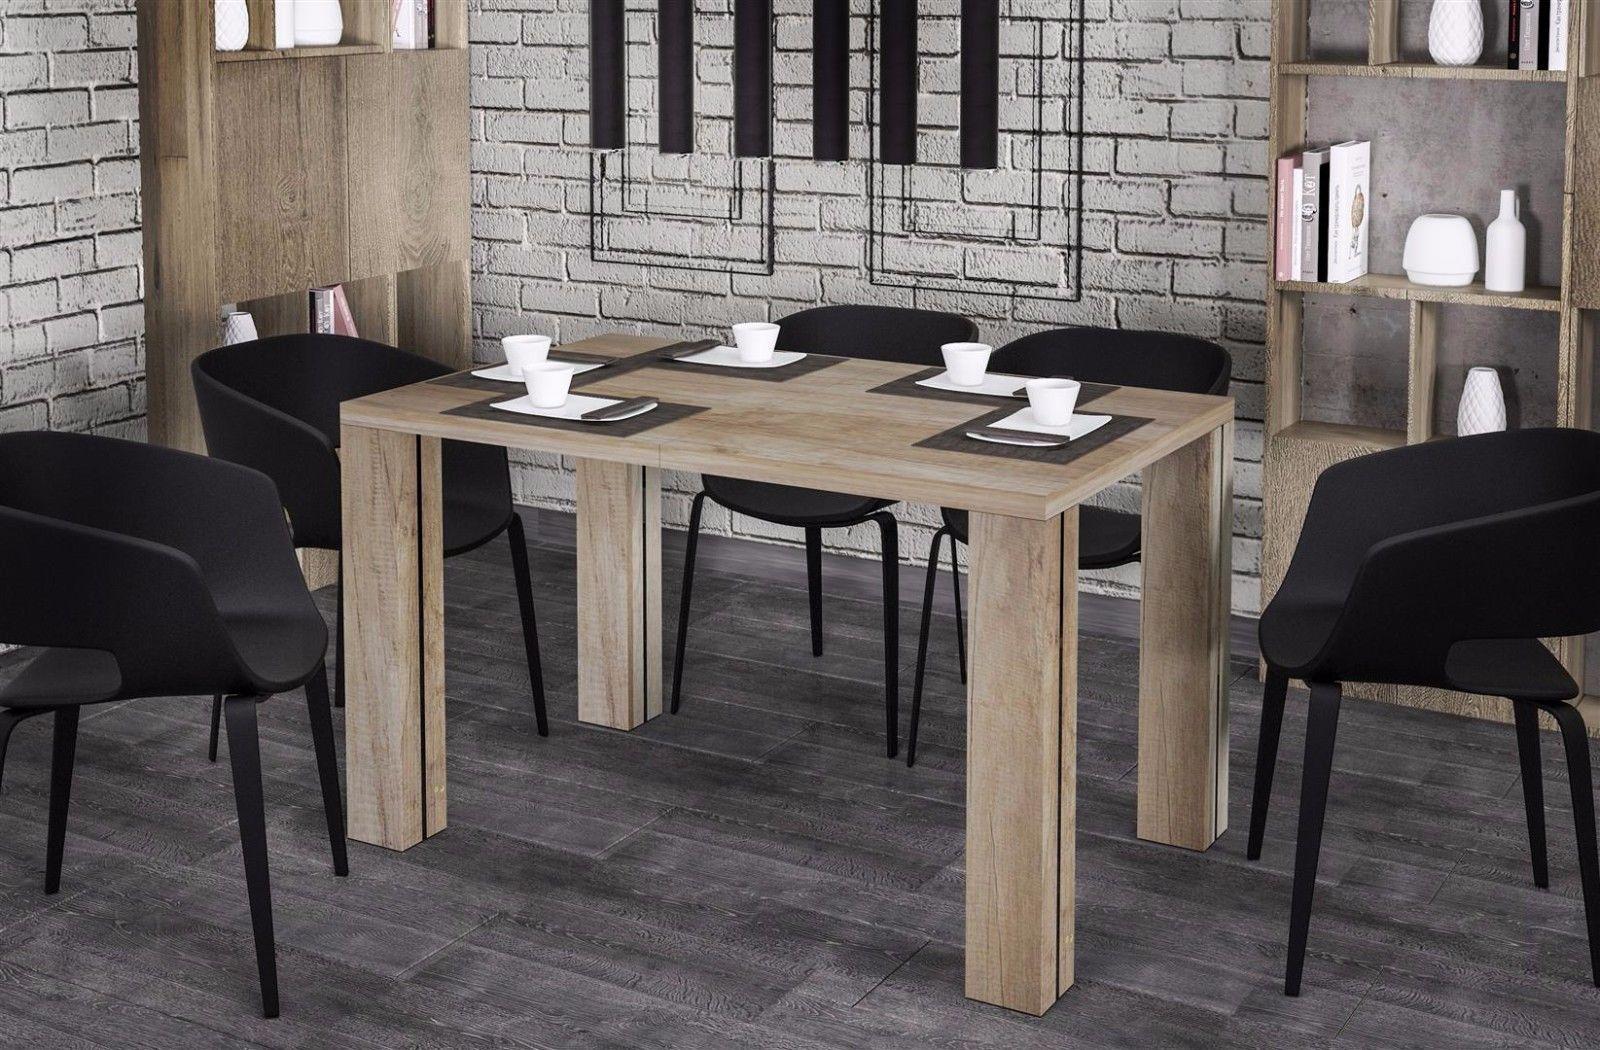 moderner esstisch ausziehbar esstisch bellemoor with moderner esstisch ausziehbar cheap. Black Bedroom Furniture Sets. Home Design Ideas